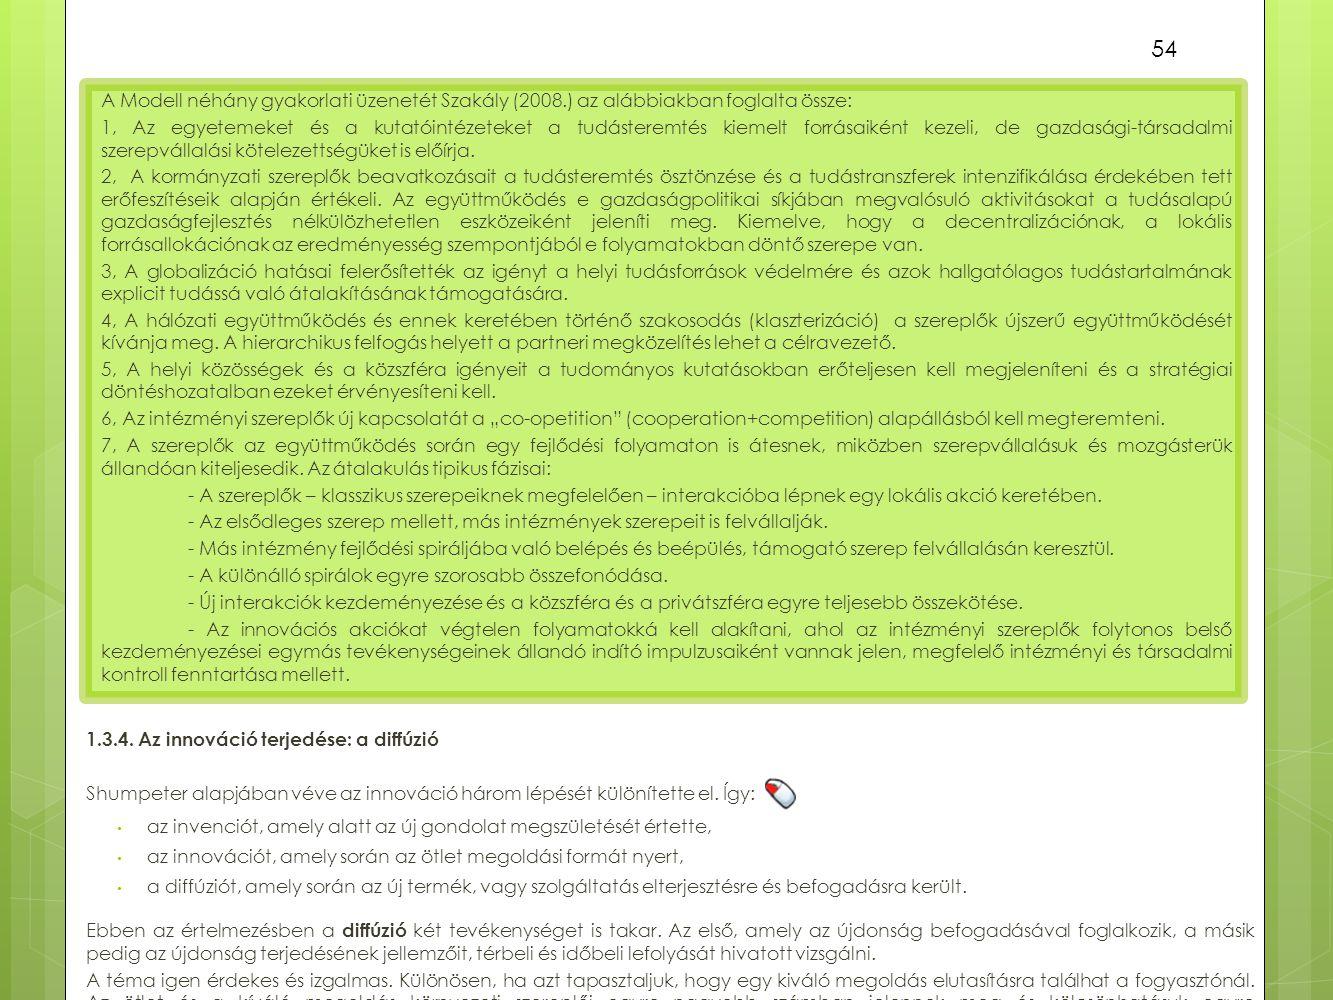 A Modell néhány gyakorlati üzenetét Szakály (2008.) az alábbiakban foglalta össze: 1, Az egyetemeket és a kutatóintézeteket a tudásteremtés kiemelt fo